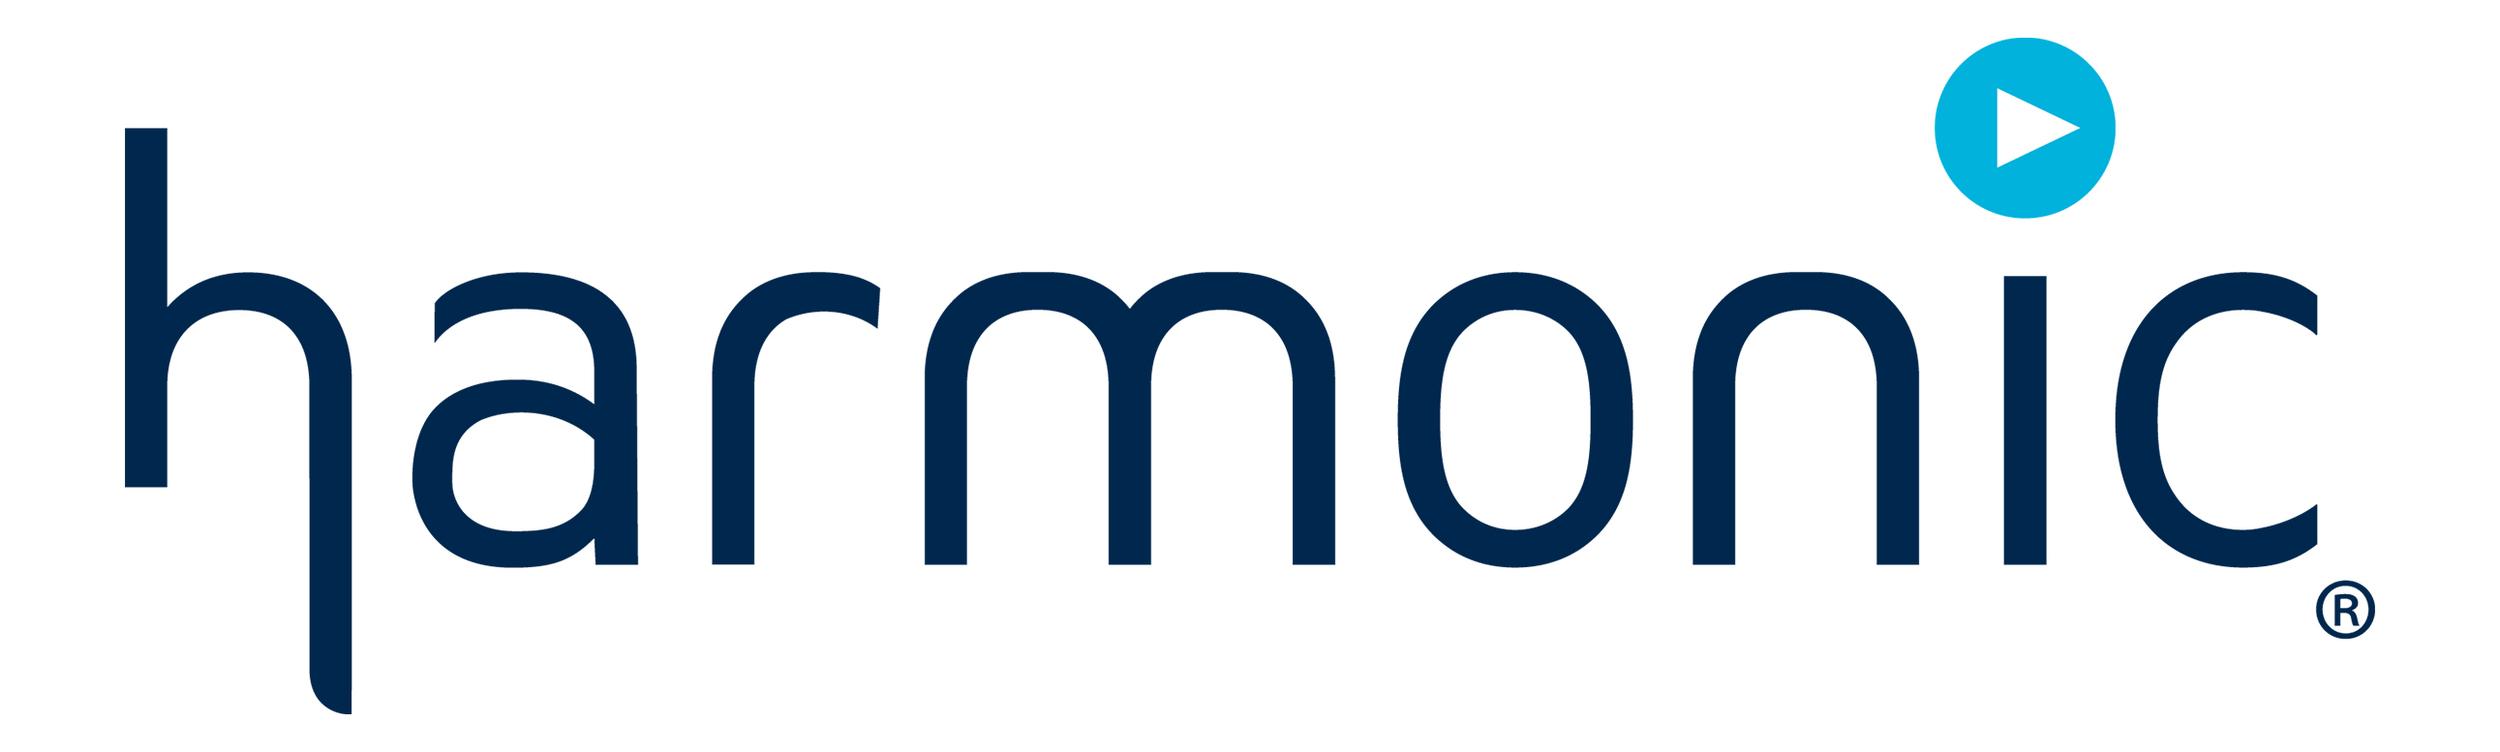 HARMONIC_HR.jpg